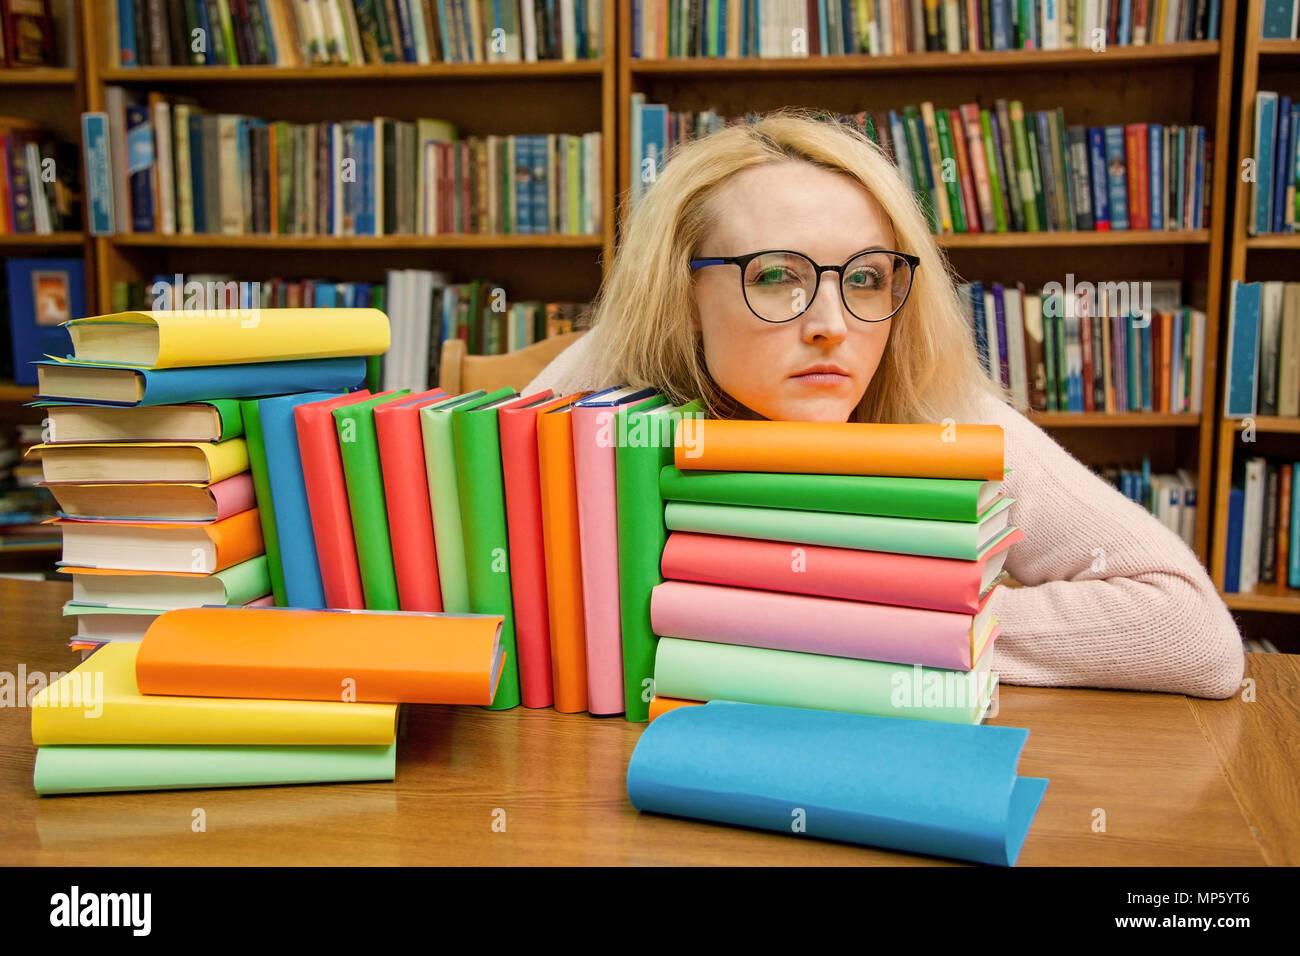 Ein Mädchen in der Bibliothek sieht geheimnisvoll durch Gläser Stockbild